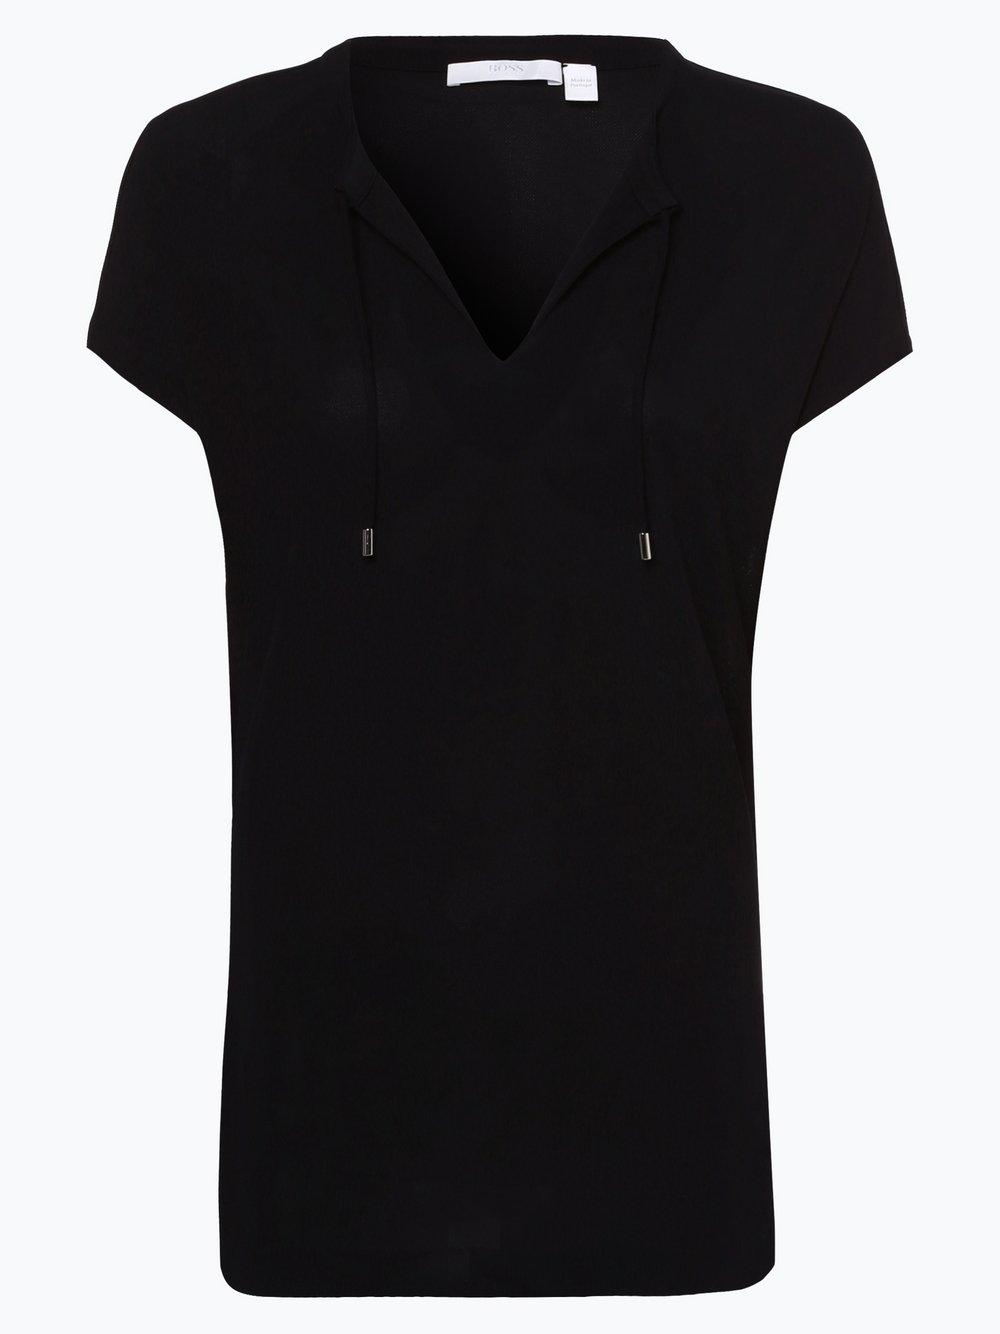 BOSS - T-shirt damski – Ediele, niebieski